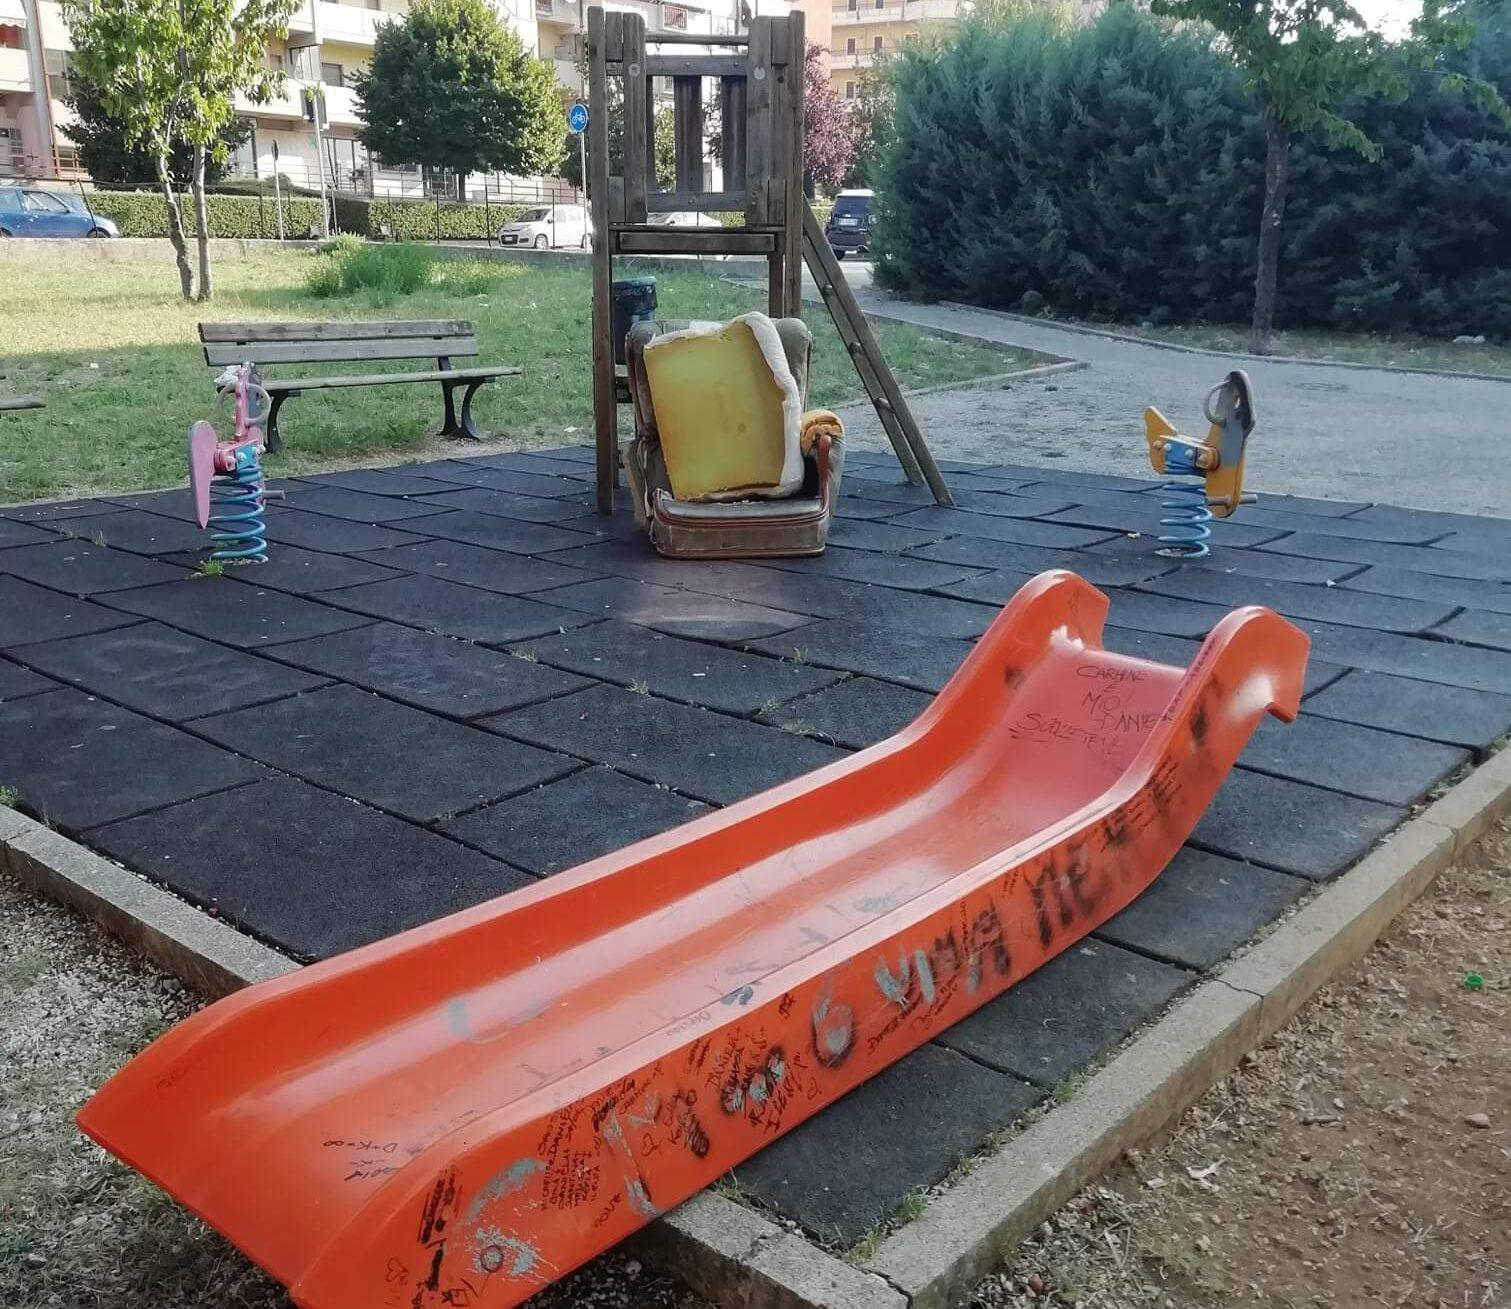 Distruzione e sporcizia, ecco come si presenta il parco giochi di via Parri ad Avezzano